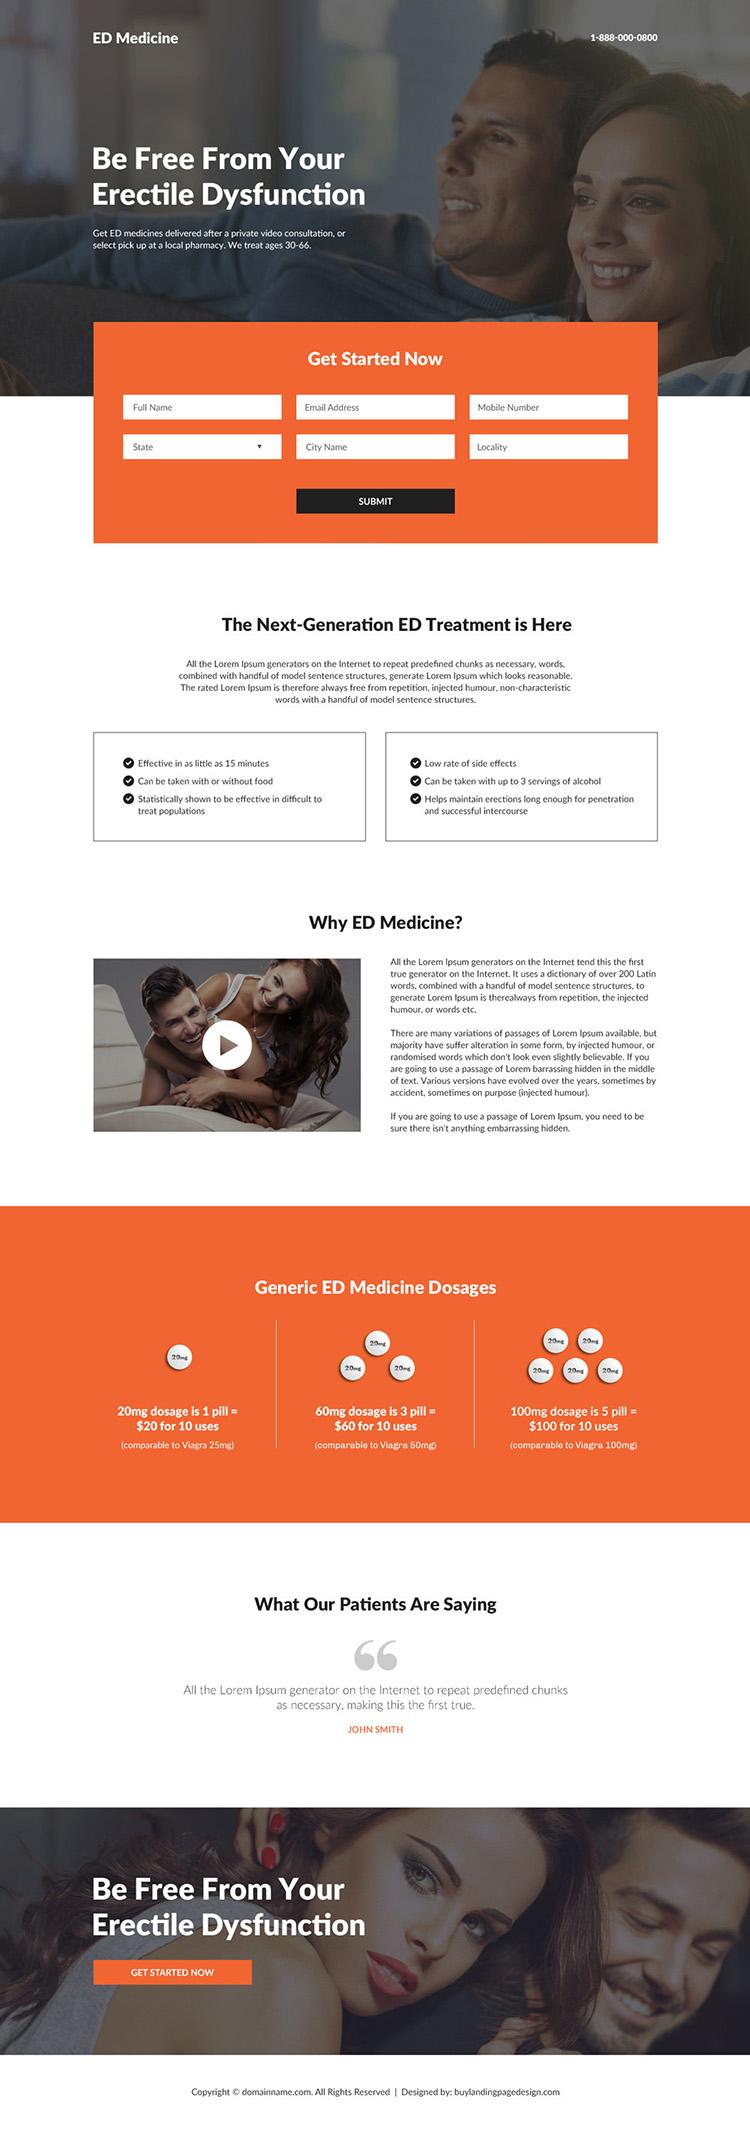 erectile dysfunction lead capture responsive landing page design